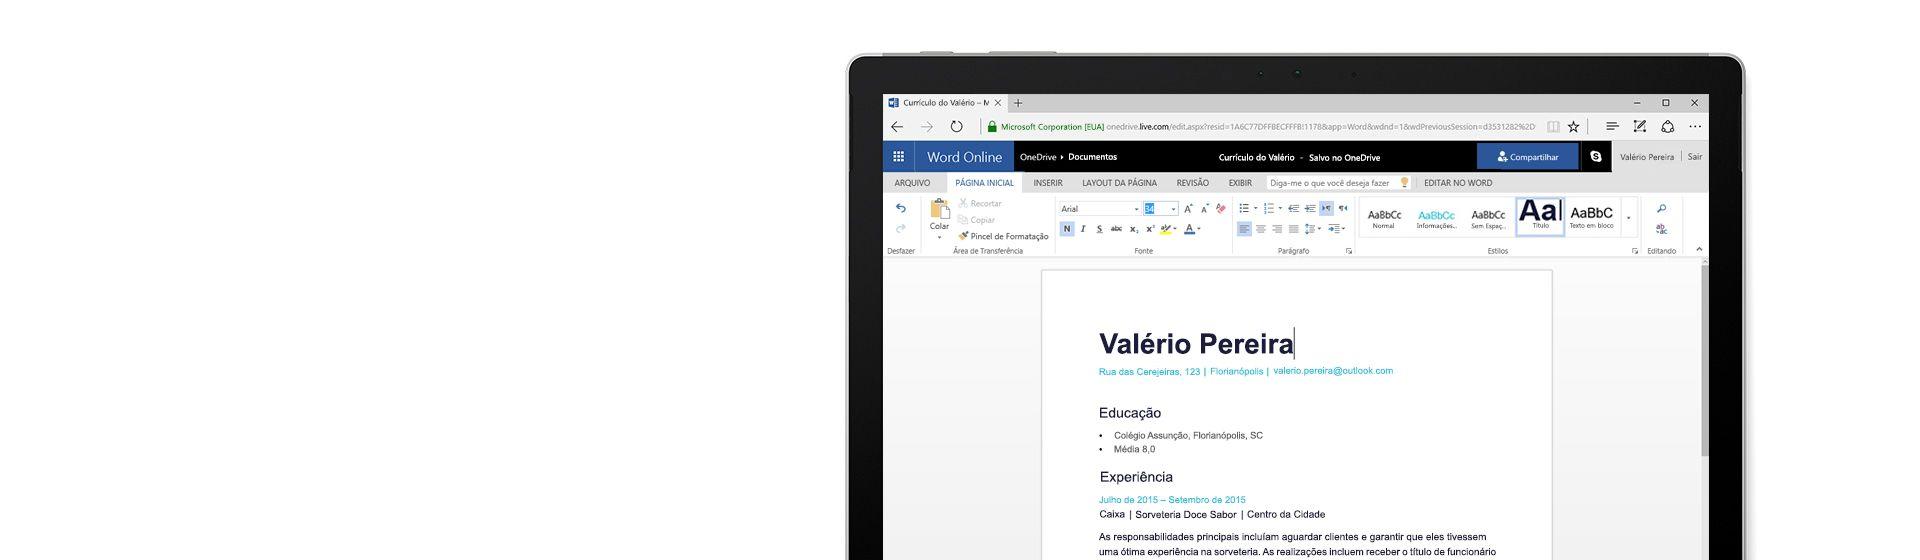 Uma tela de computador mostrando um currículo sendo criado no Word Online